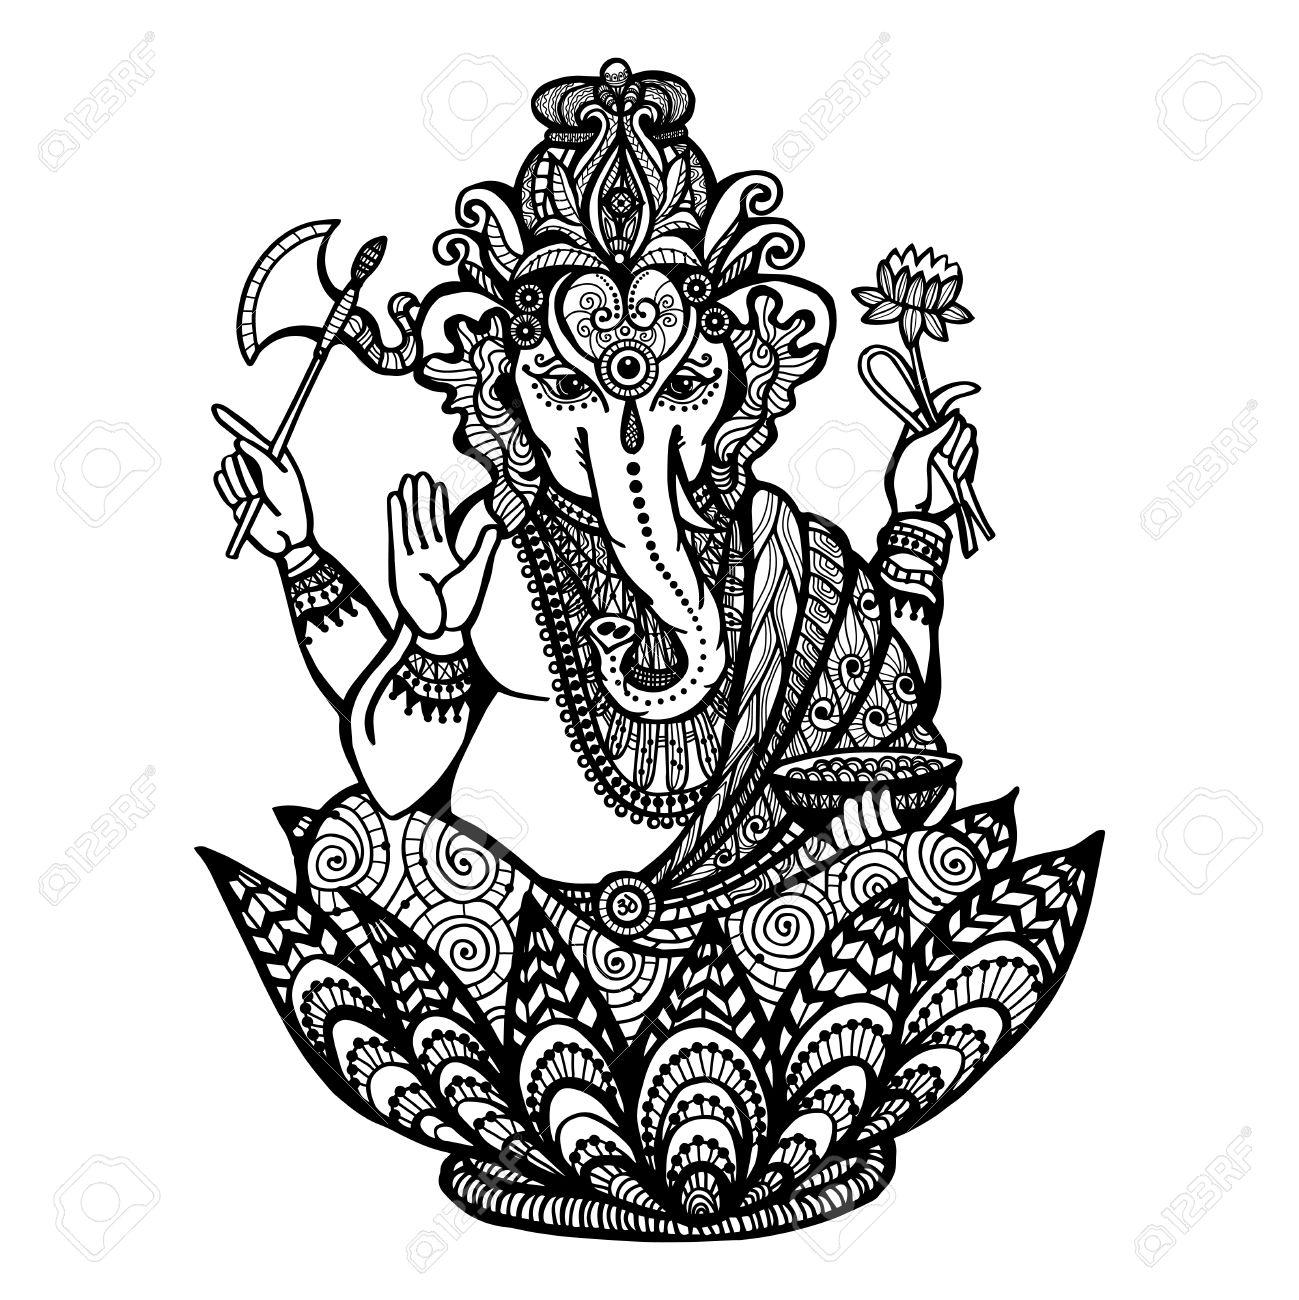 1299x1300 Decorative Ganesha Hindu God Sitting In Lotus Flower Hand Drawn